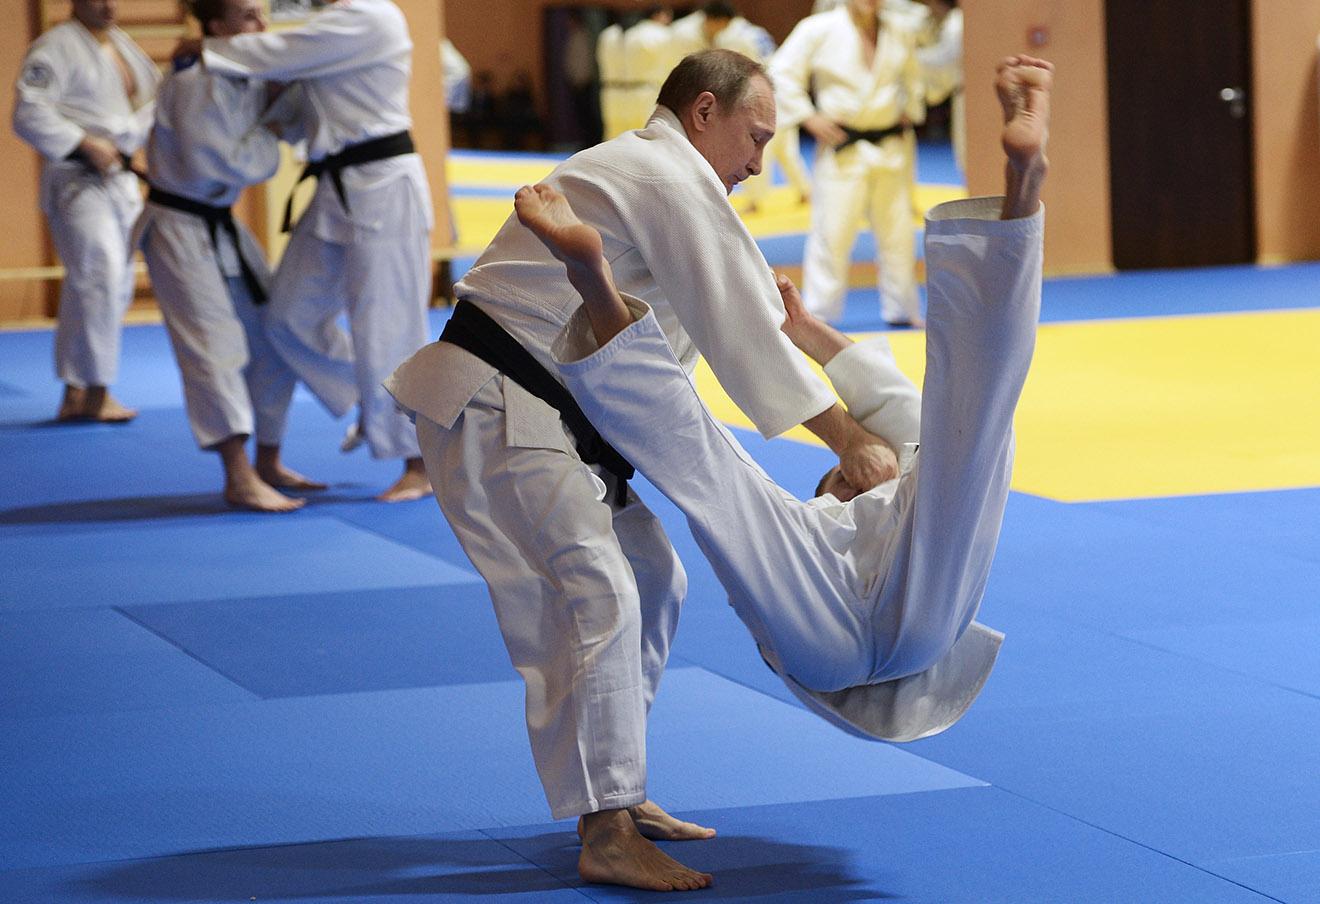 Владимир Путин (слева) во время тренировки с российской сборной по дзюдо в Южном федеральном центре спортивной подготовки сборных команд «Юг Спорт».